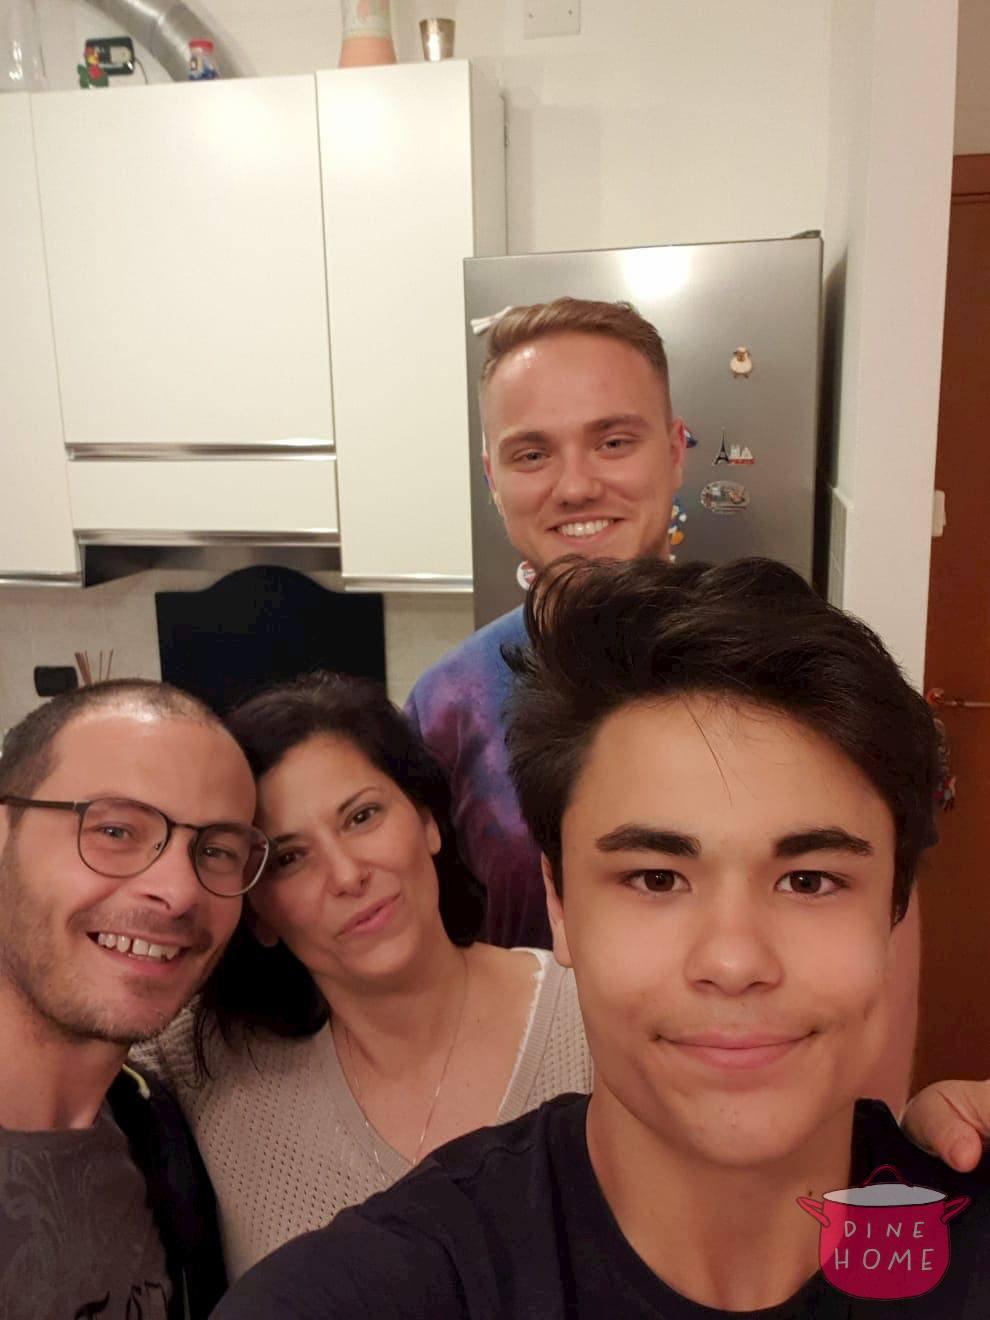 Michael, studente dalla Germania, a cena dalla sua famiglia Dinehome.